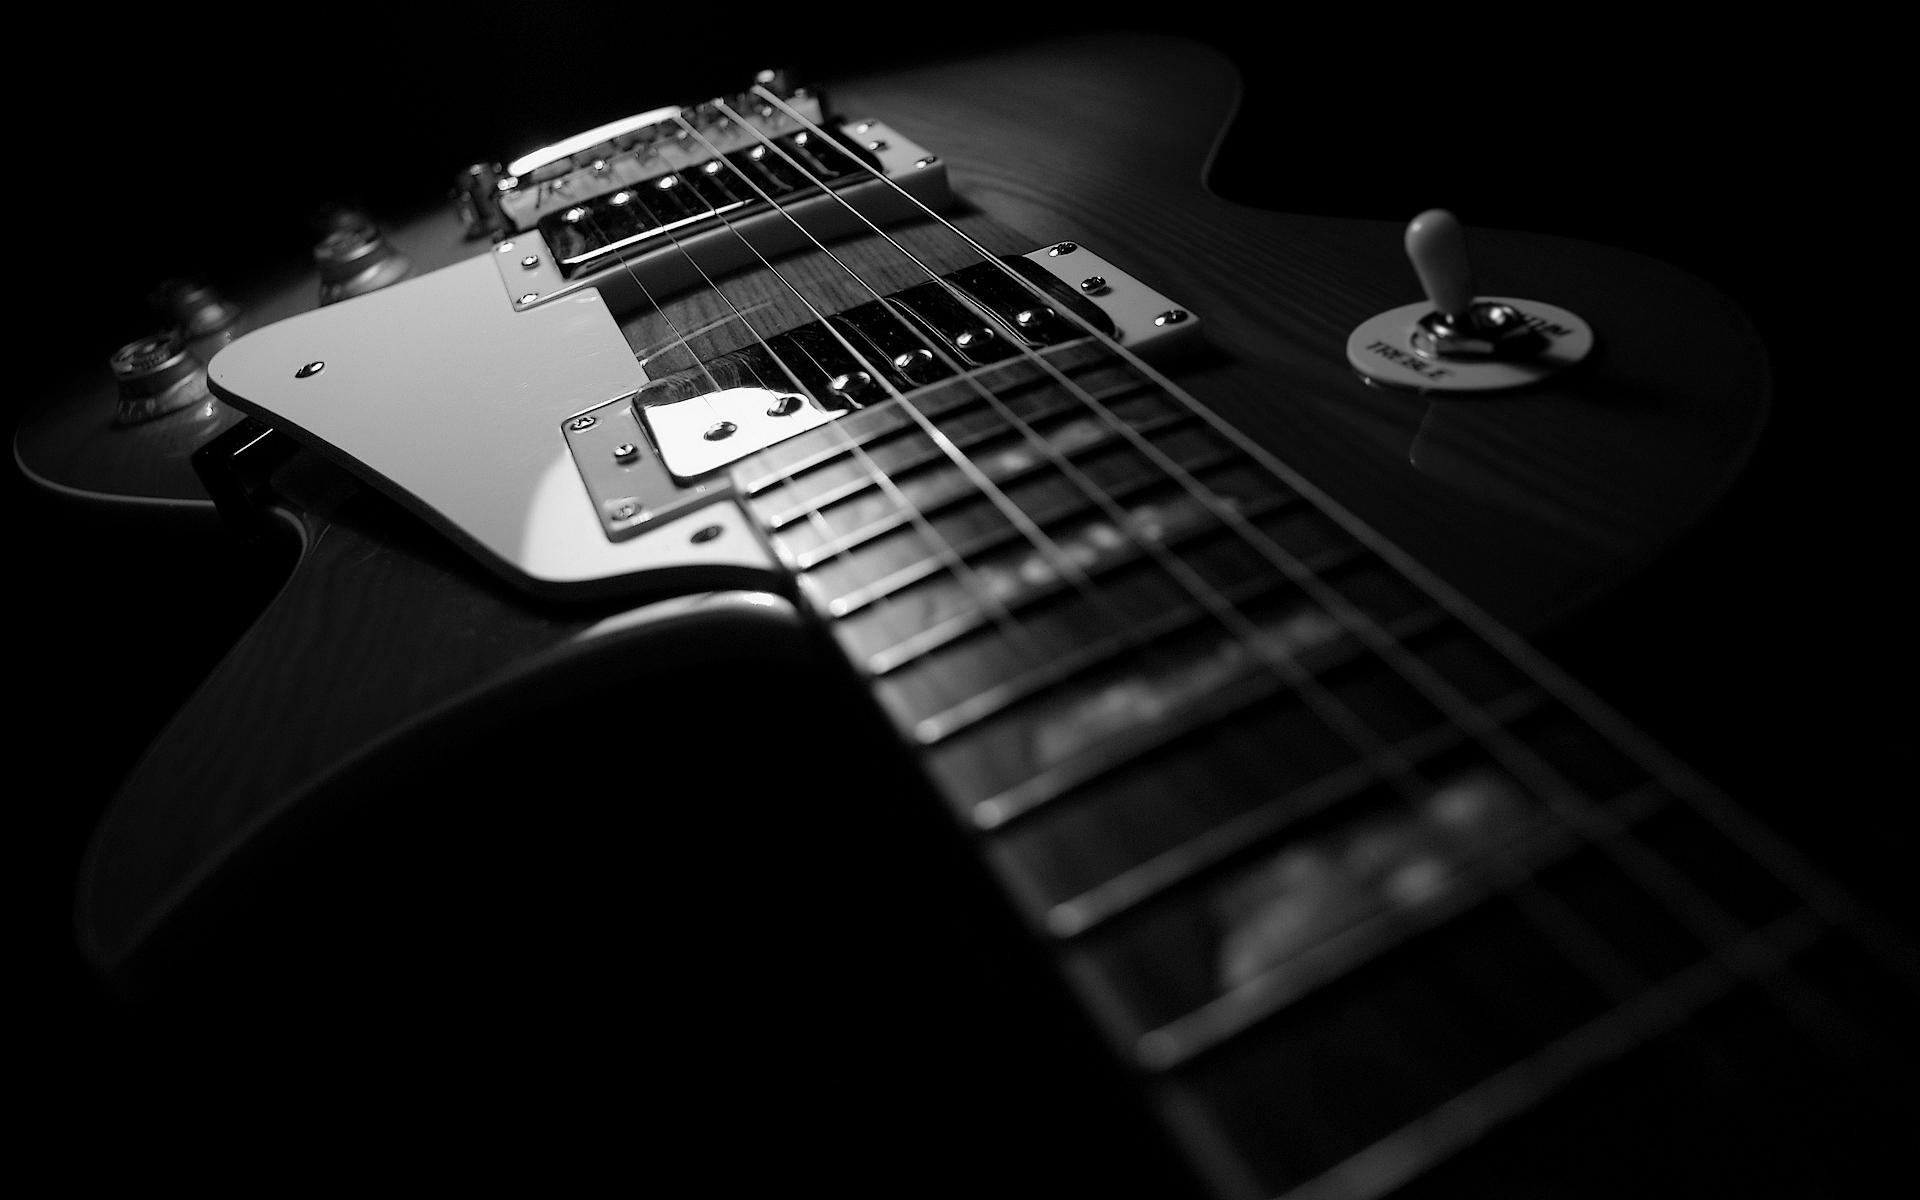 Electric Guitar Wallpaper